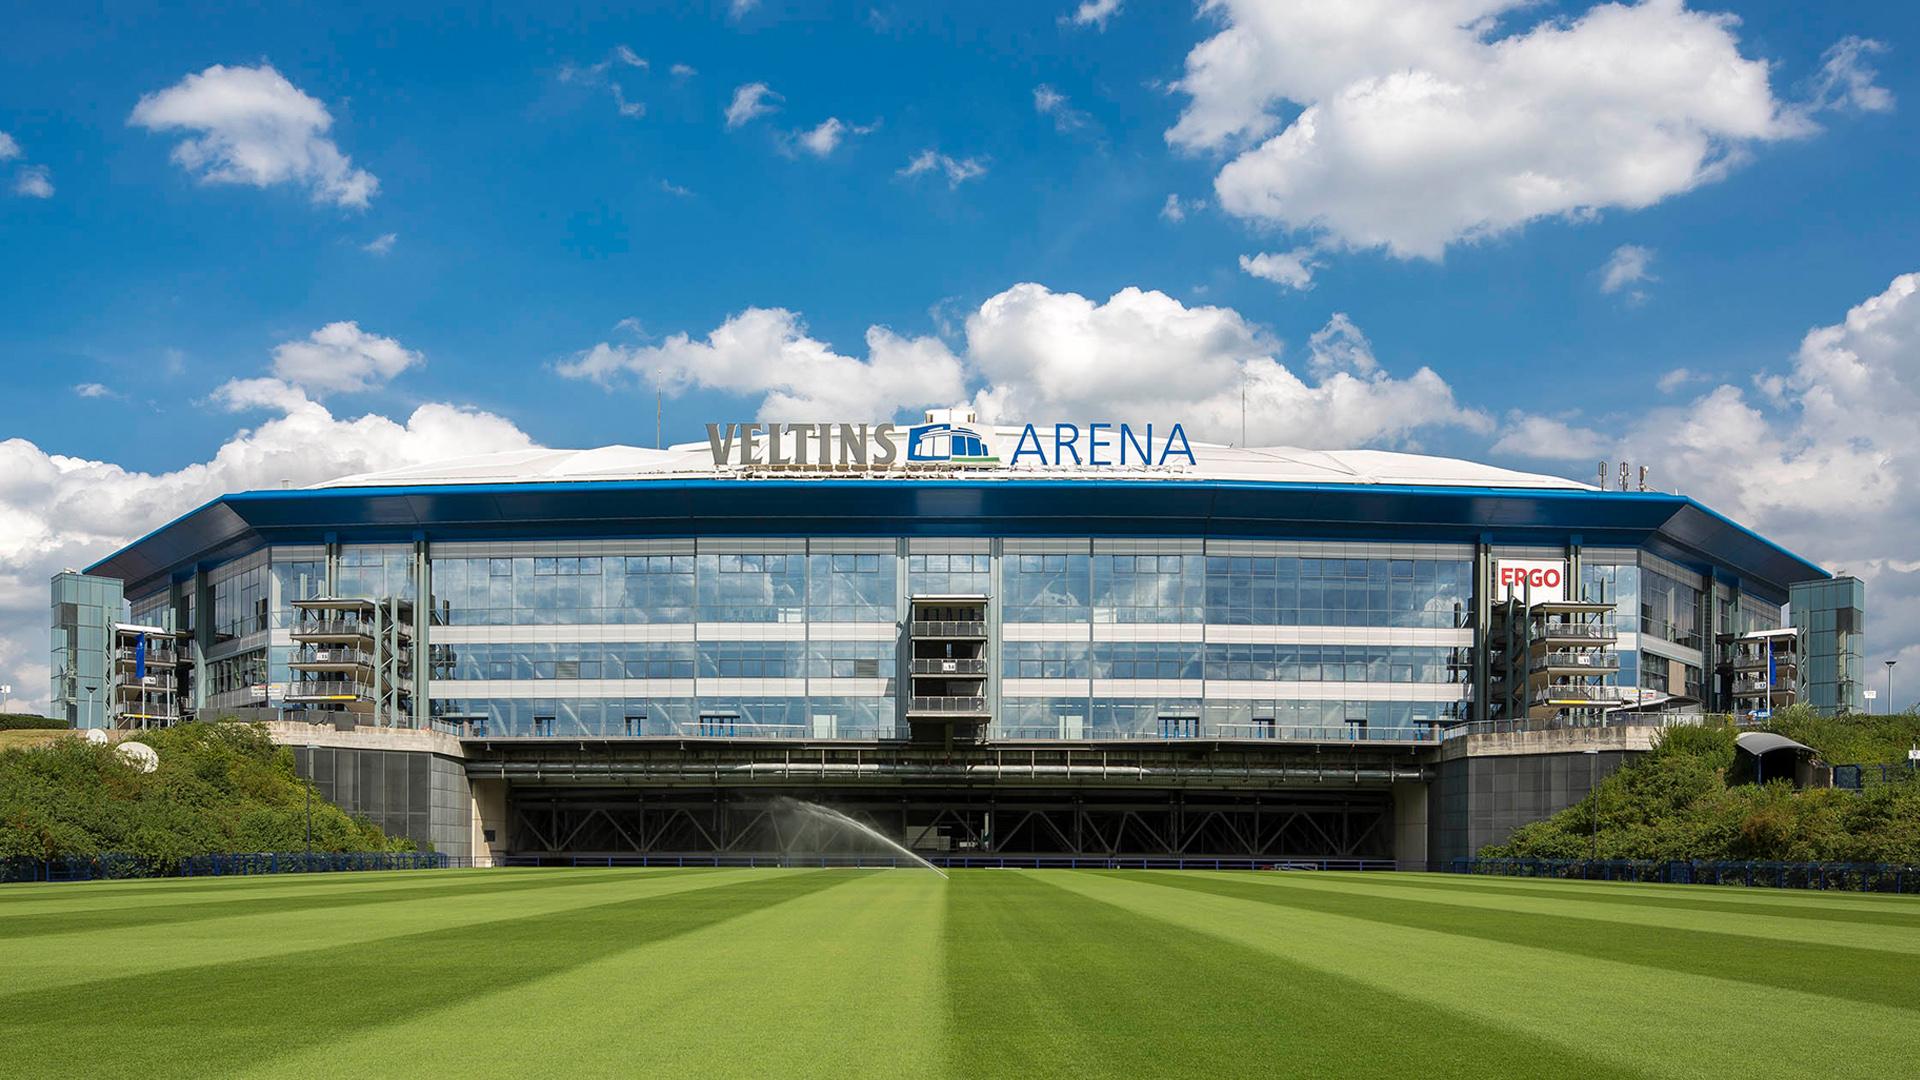 Veltins Arena Parkplatz P1